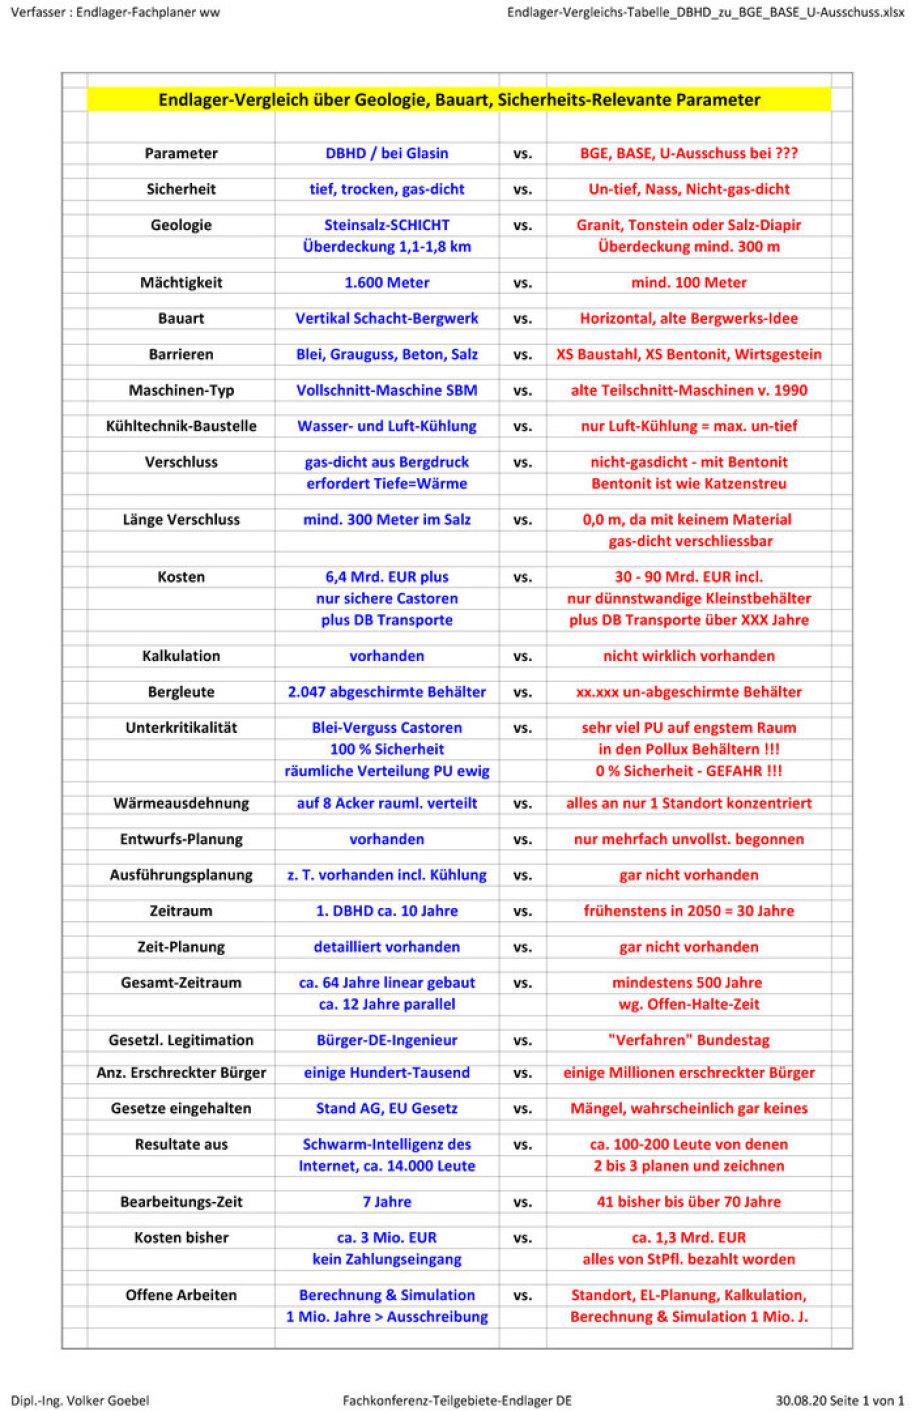 >>> Ein Beitrag zu einer gelungenen Fachkonferenz Teilgebiete für Endlager - Vergleichs-Tabelle Endlager Geologien - Bauarten - Kosten #Fachkonferenz #Teilgebiete #Endlager